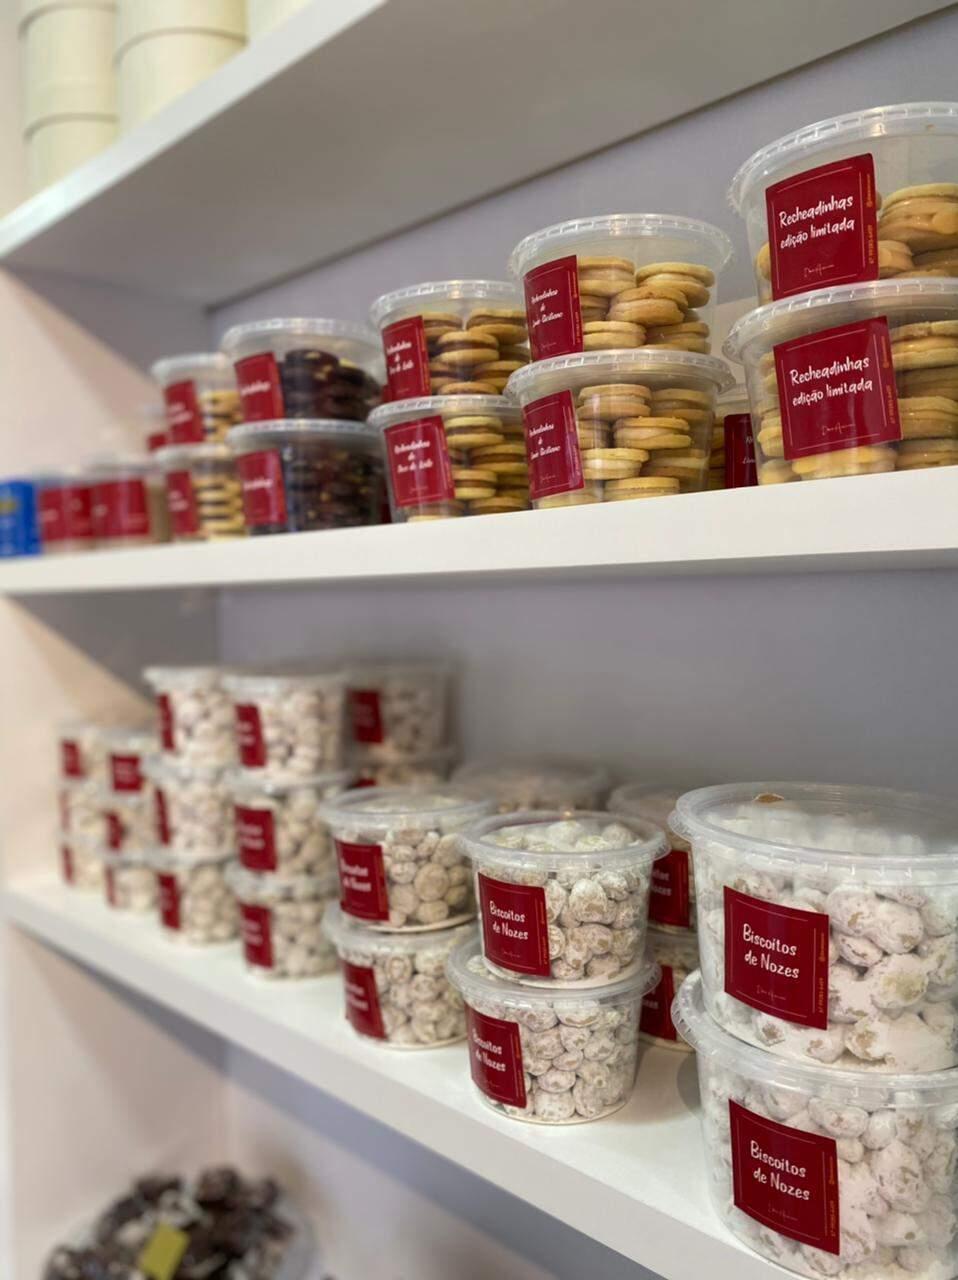 São biscoitos de diversos sabores, inclusive sem chocolate para quem não é muito chegado a doce. (Foto: Reprodução Redes Sociais)